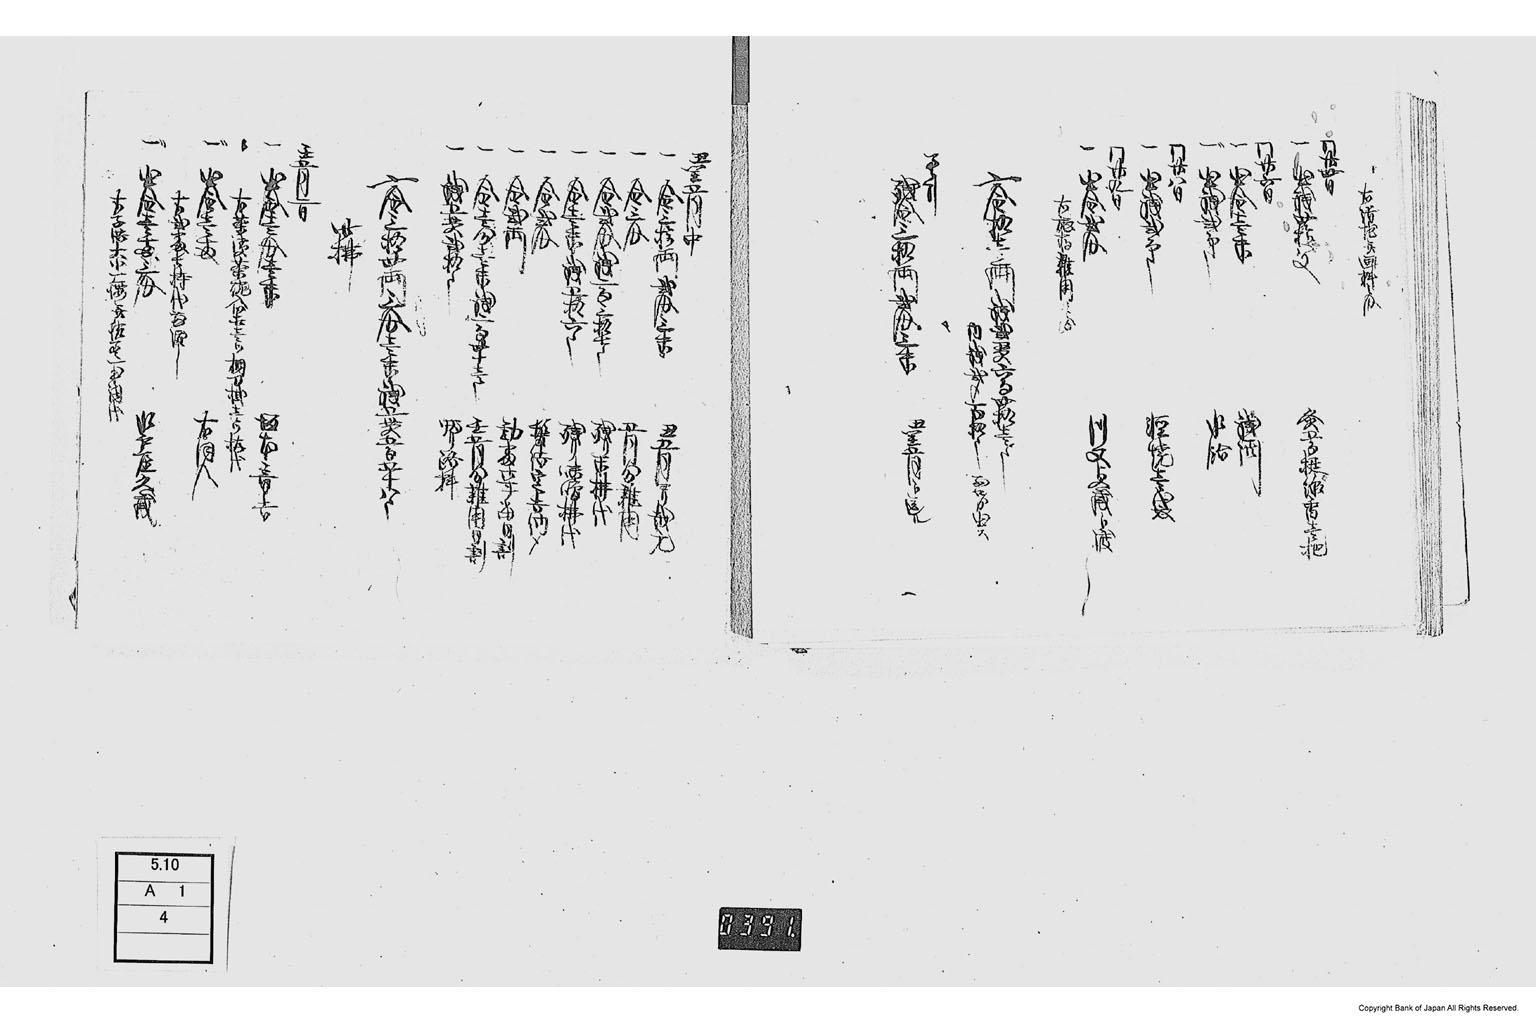 古文書(冊子・一紙・巻子・絵図) - 勤番出府掌中録金銀出納帳 貨幣博物館